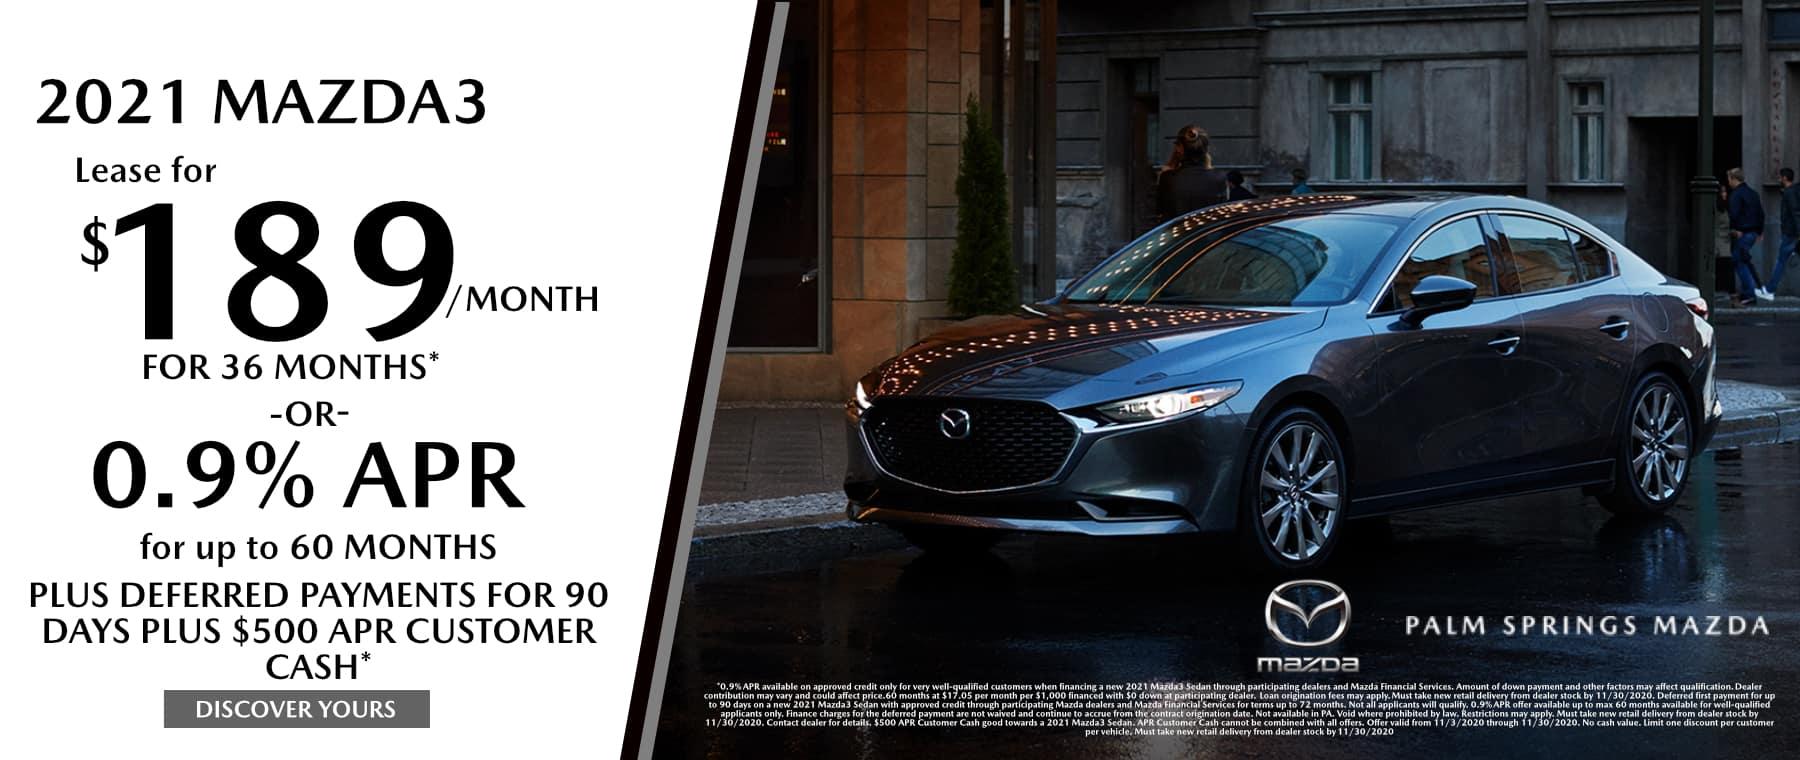 November-2020 Mazda3 Palm Springs Mazda